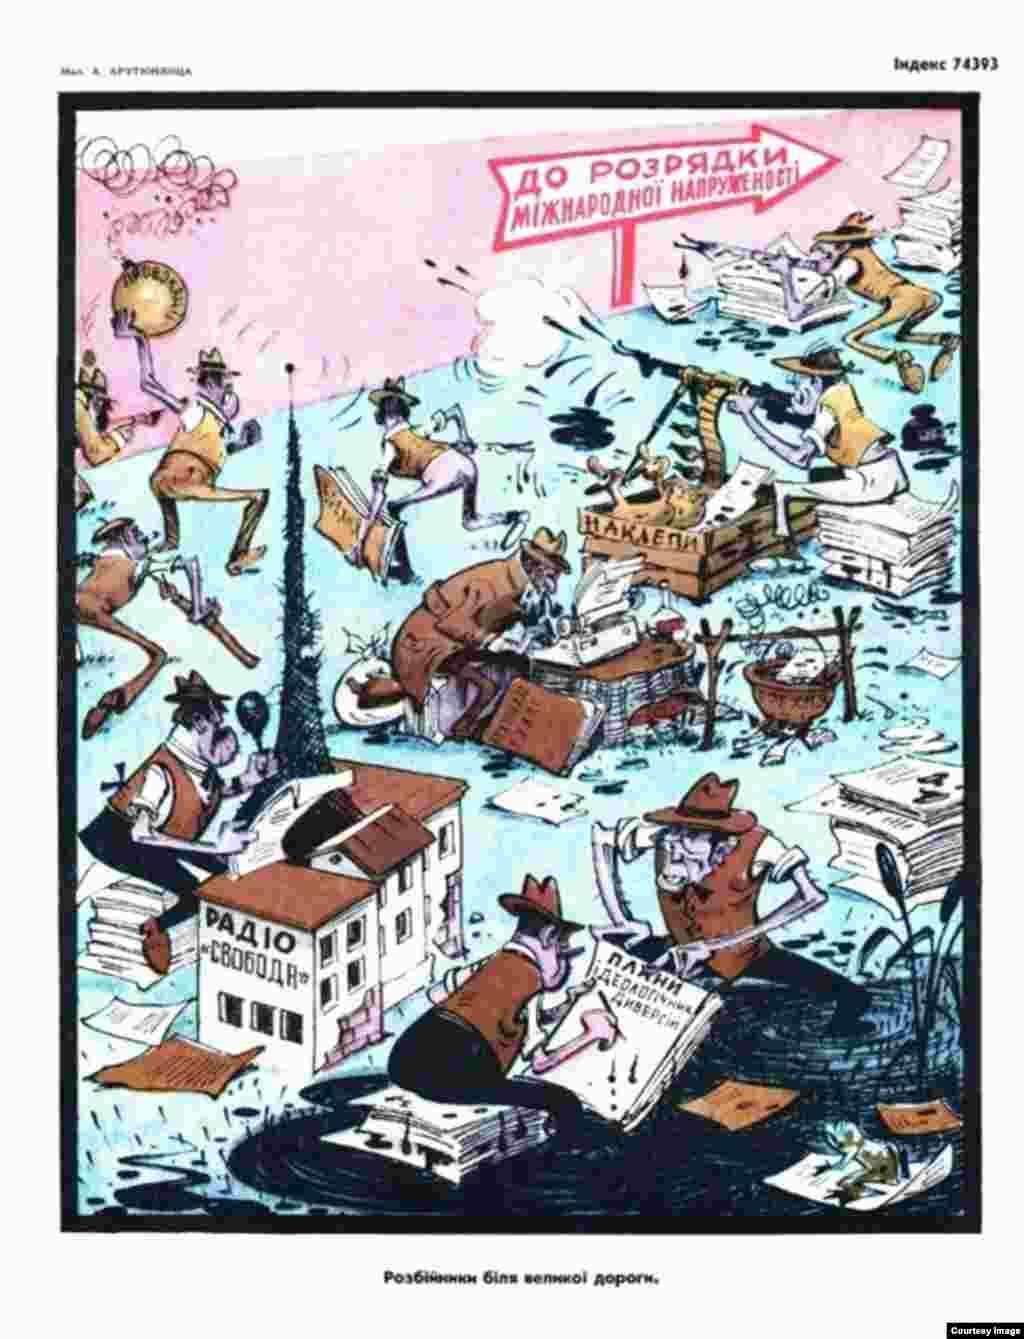 «Розбійники біля великої дороги». Малюнок А. Арутюнянца